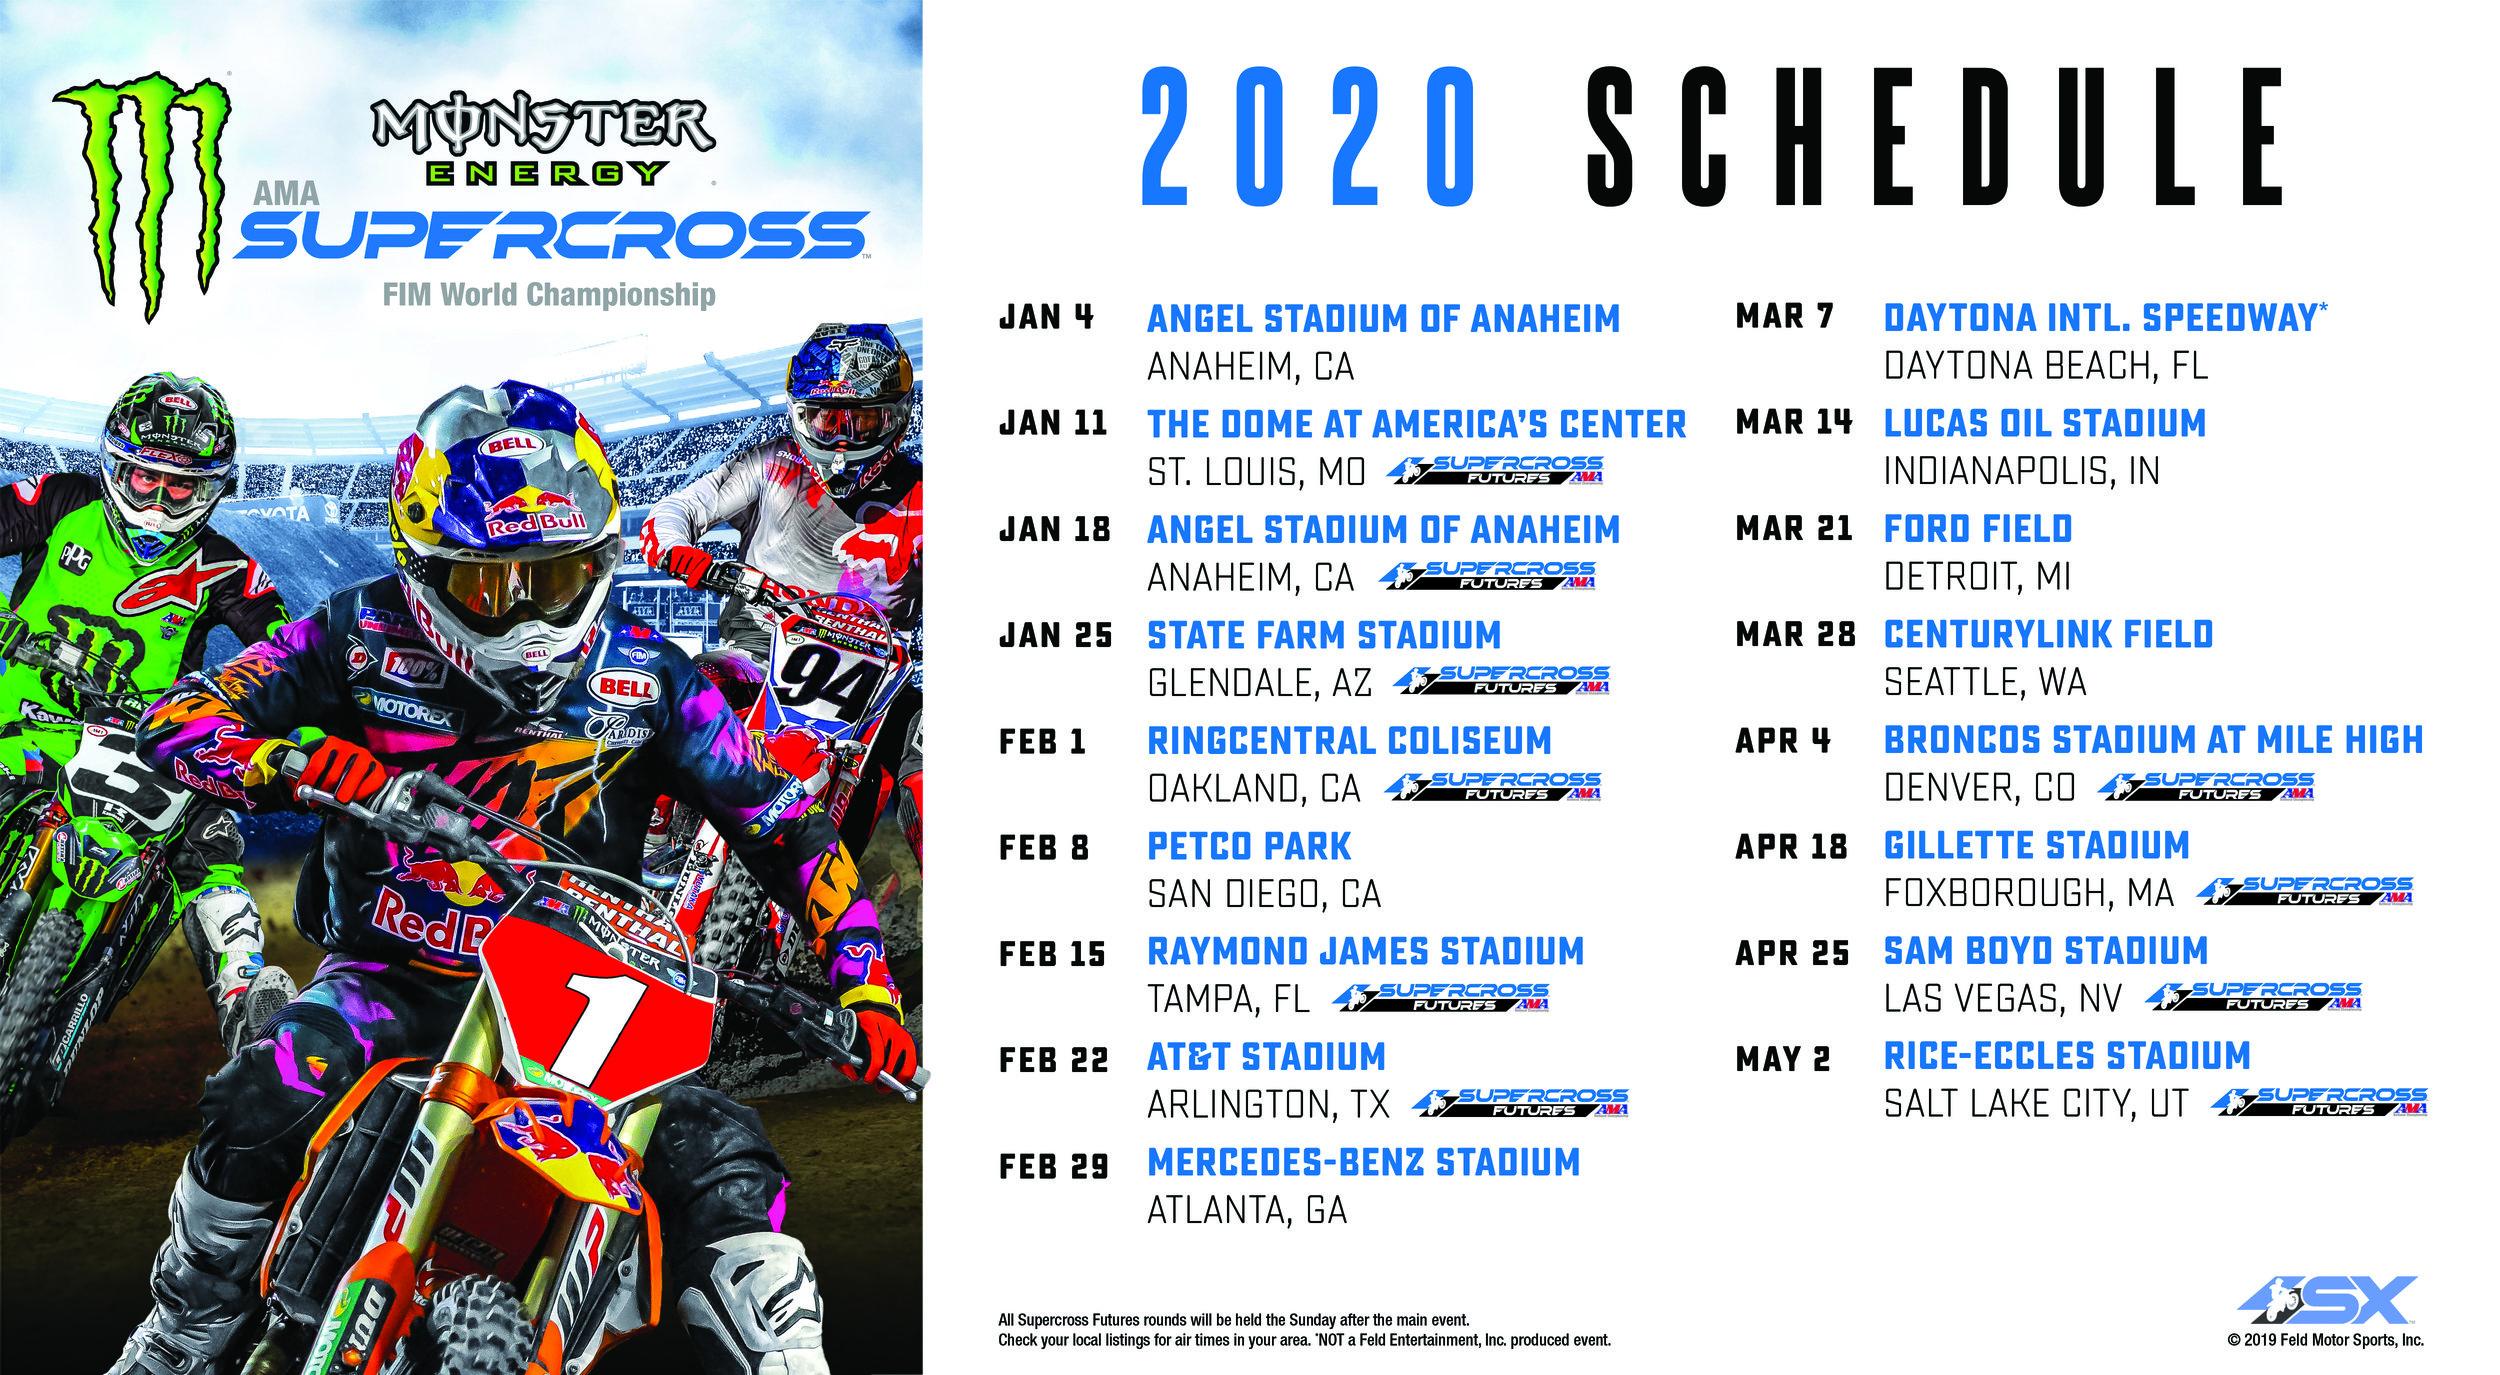 2020_Supercross Schedule - Public_Relations_Schedule-Graphics.jpg